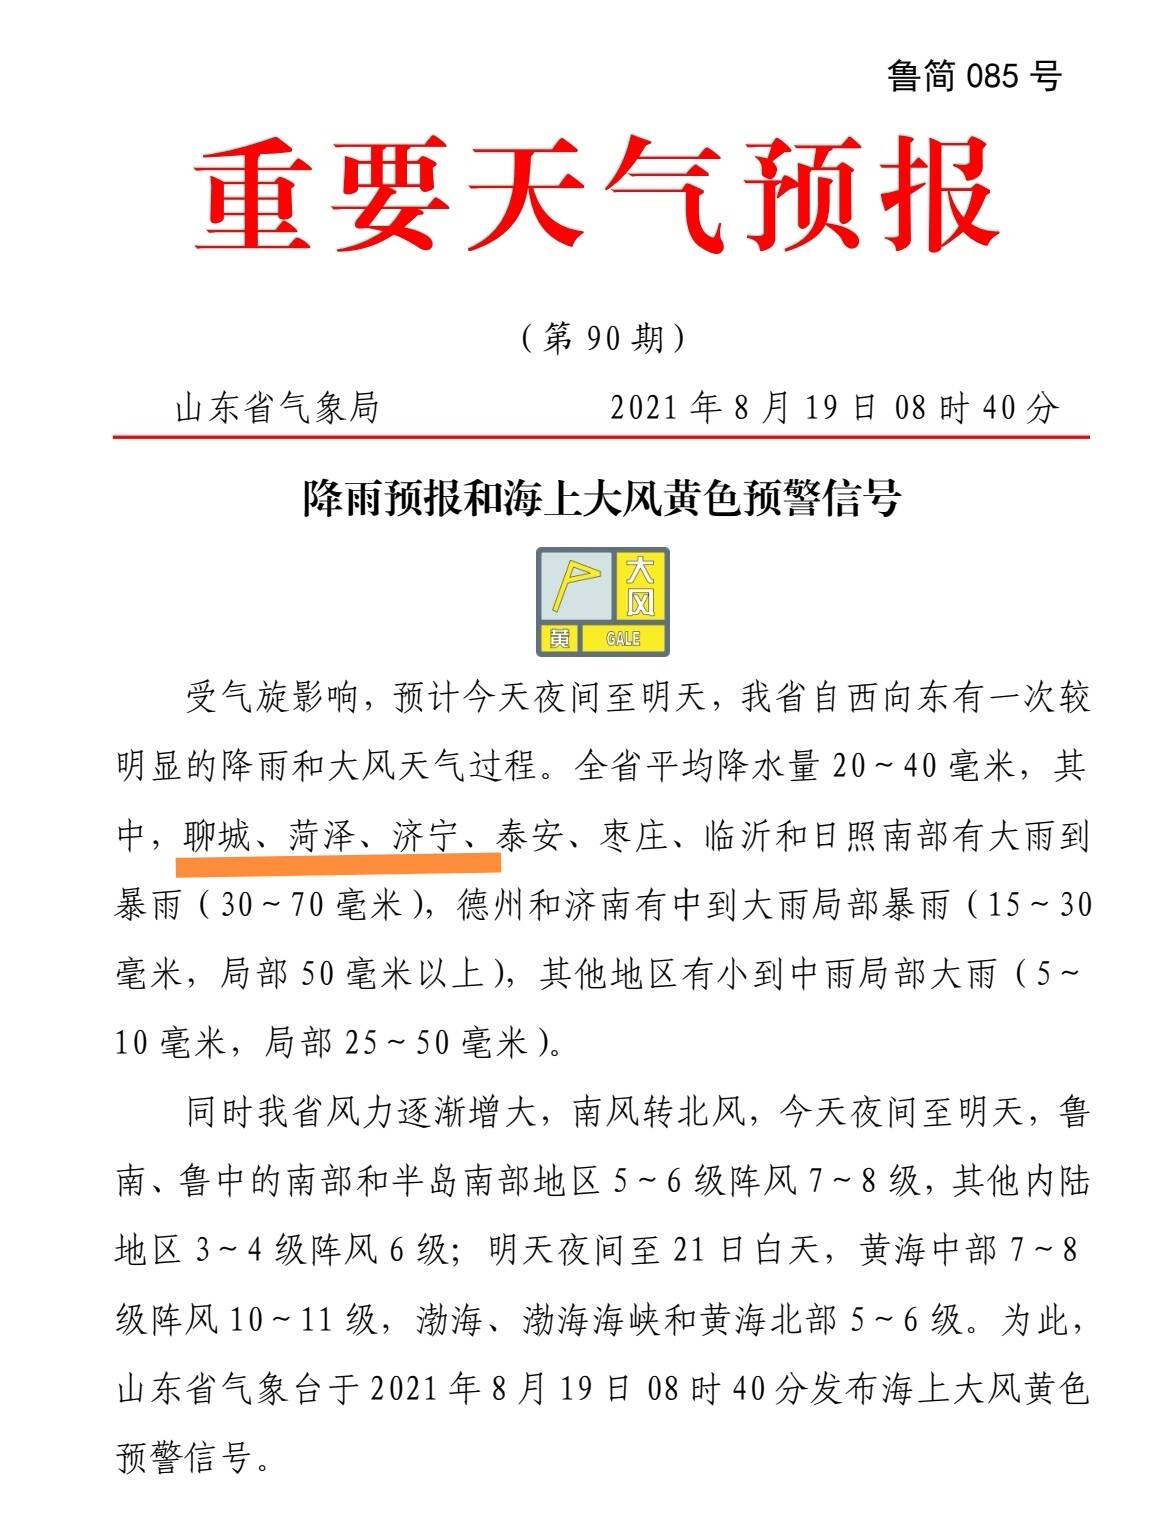 山东省气象局:预计今夜至明天菏泽等地有大雨到暴雨